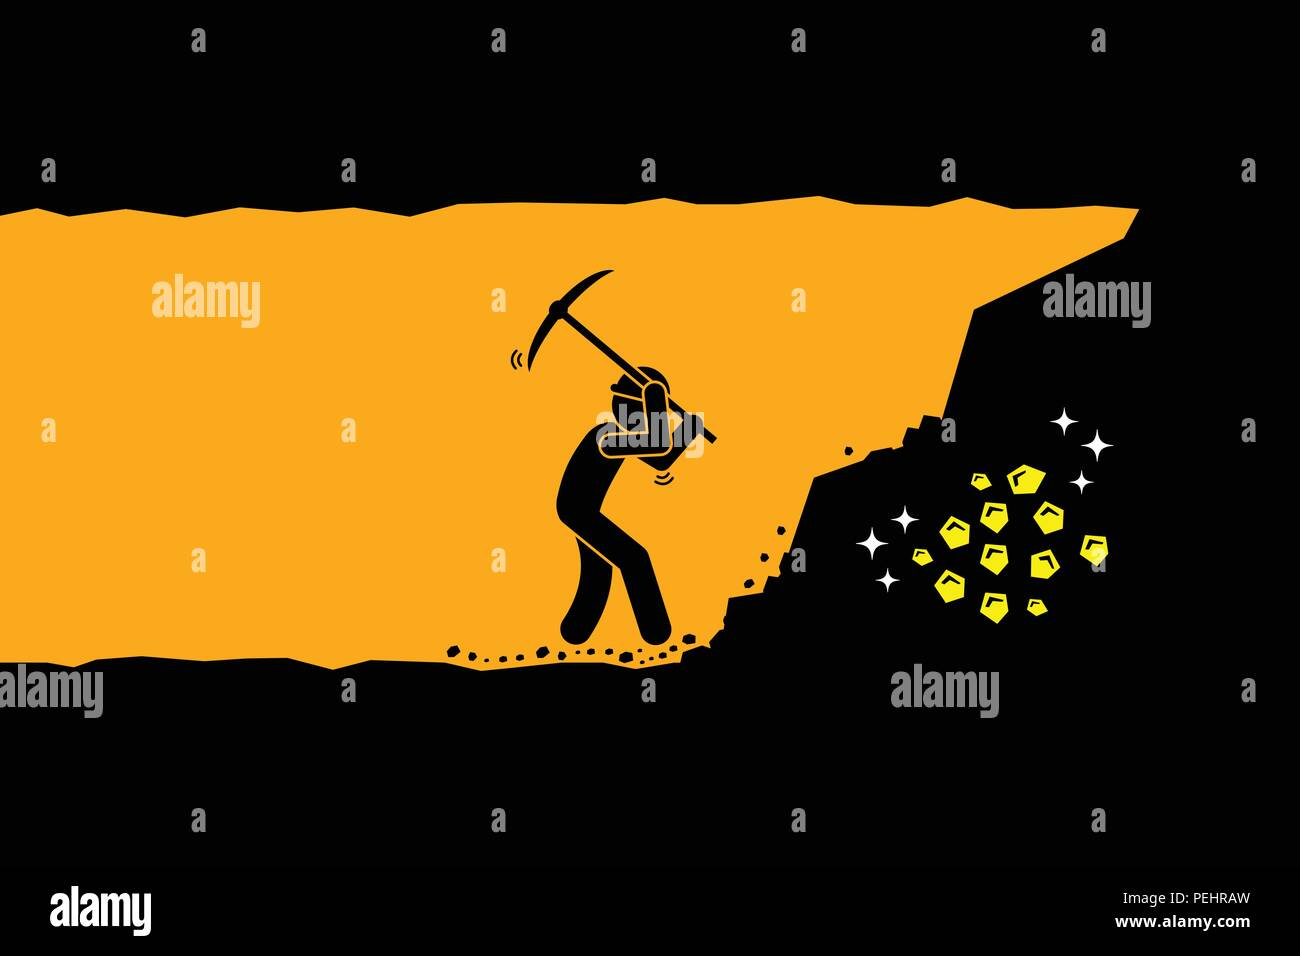 Ilustración vectorial representa el trabajo duro, éxito, logros y descubrimientos. Imagen De Stock